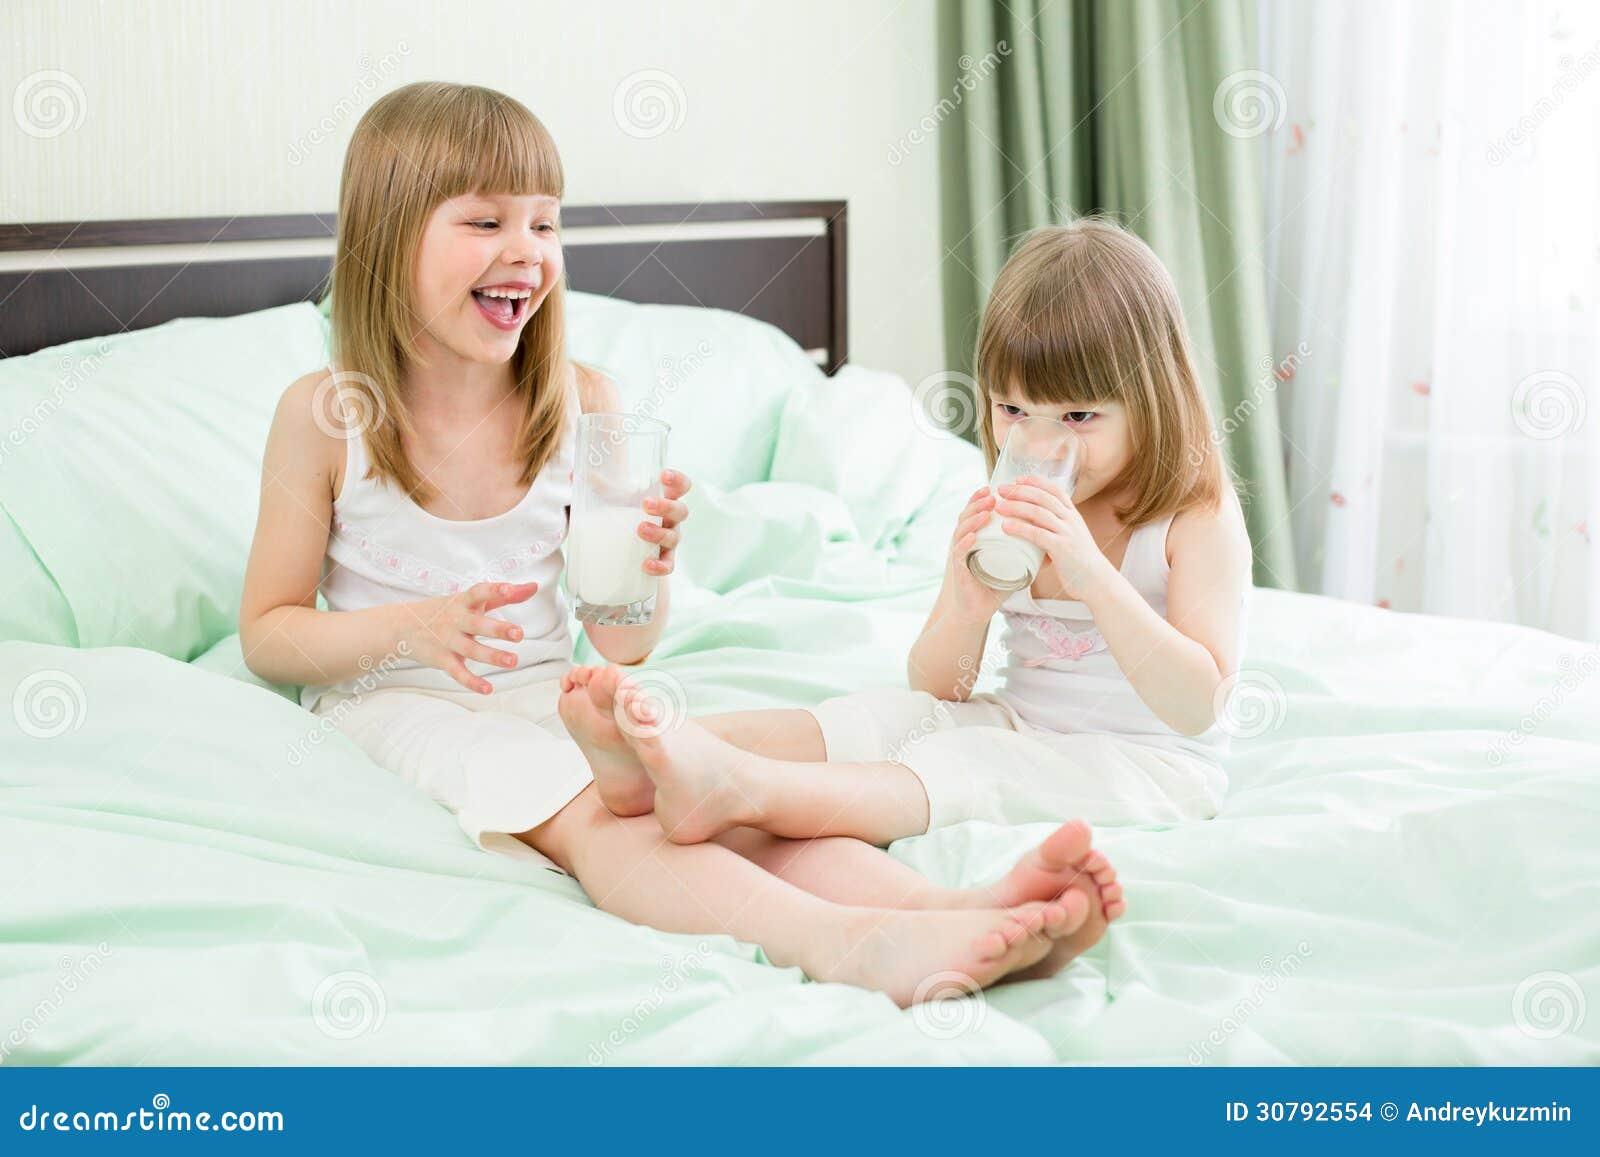 Un latte alimentare di due bambine sul letto fotografia - Immagini innamorati a letto ...